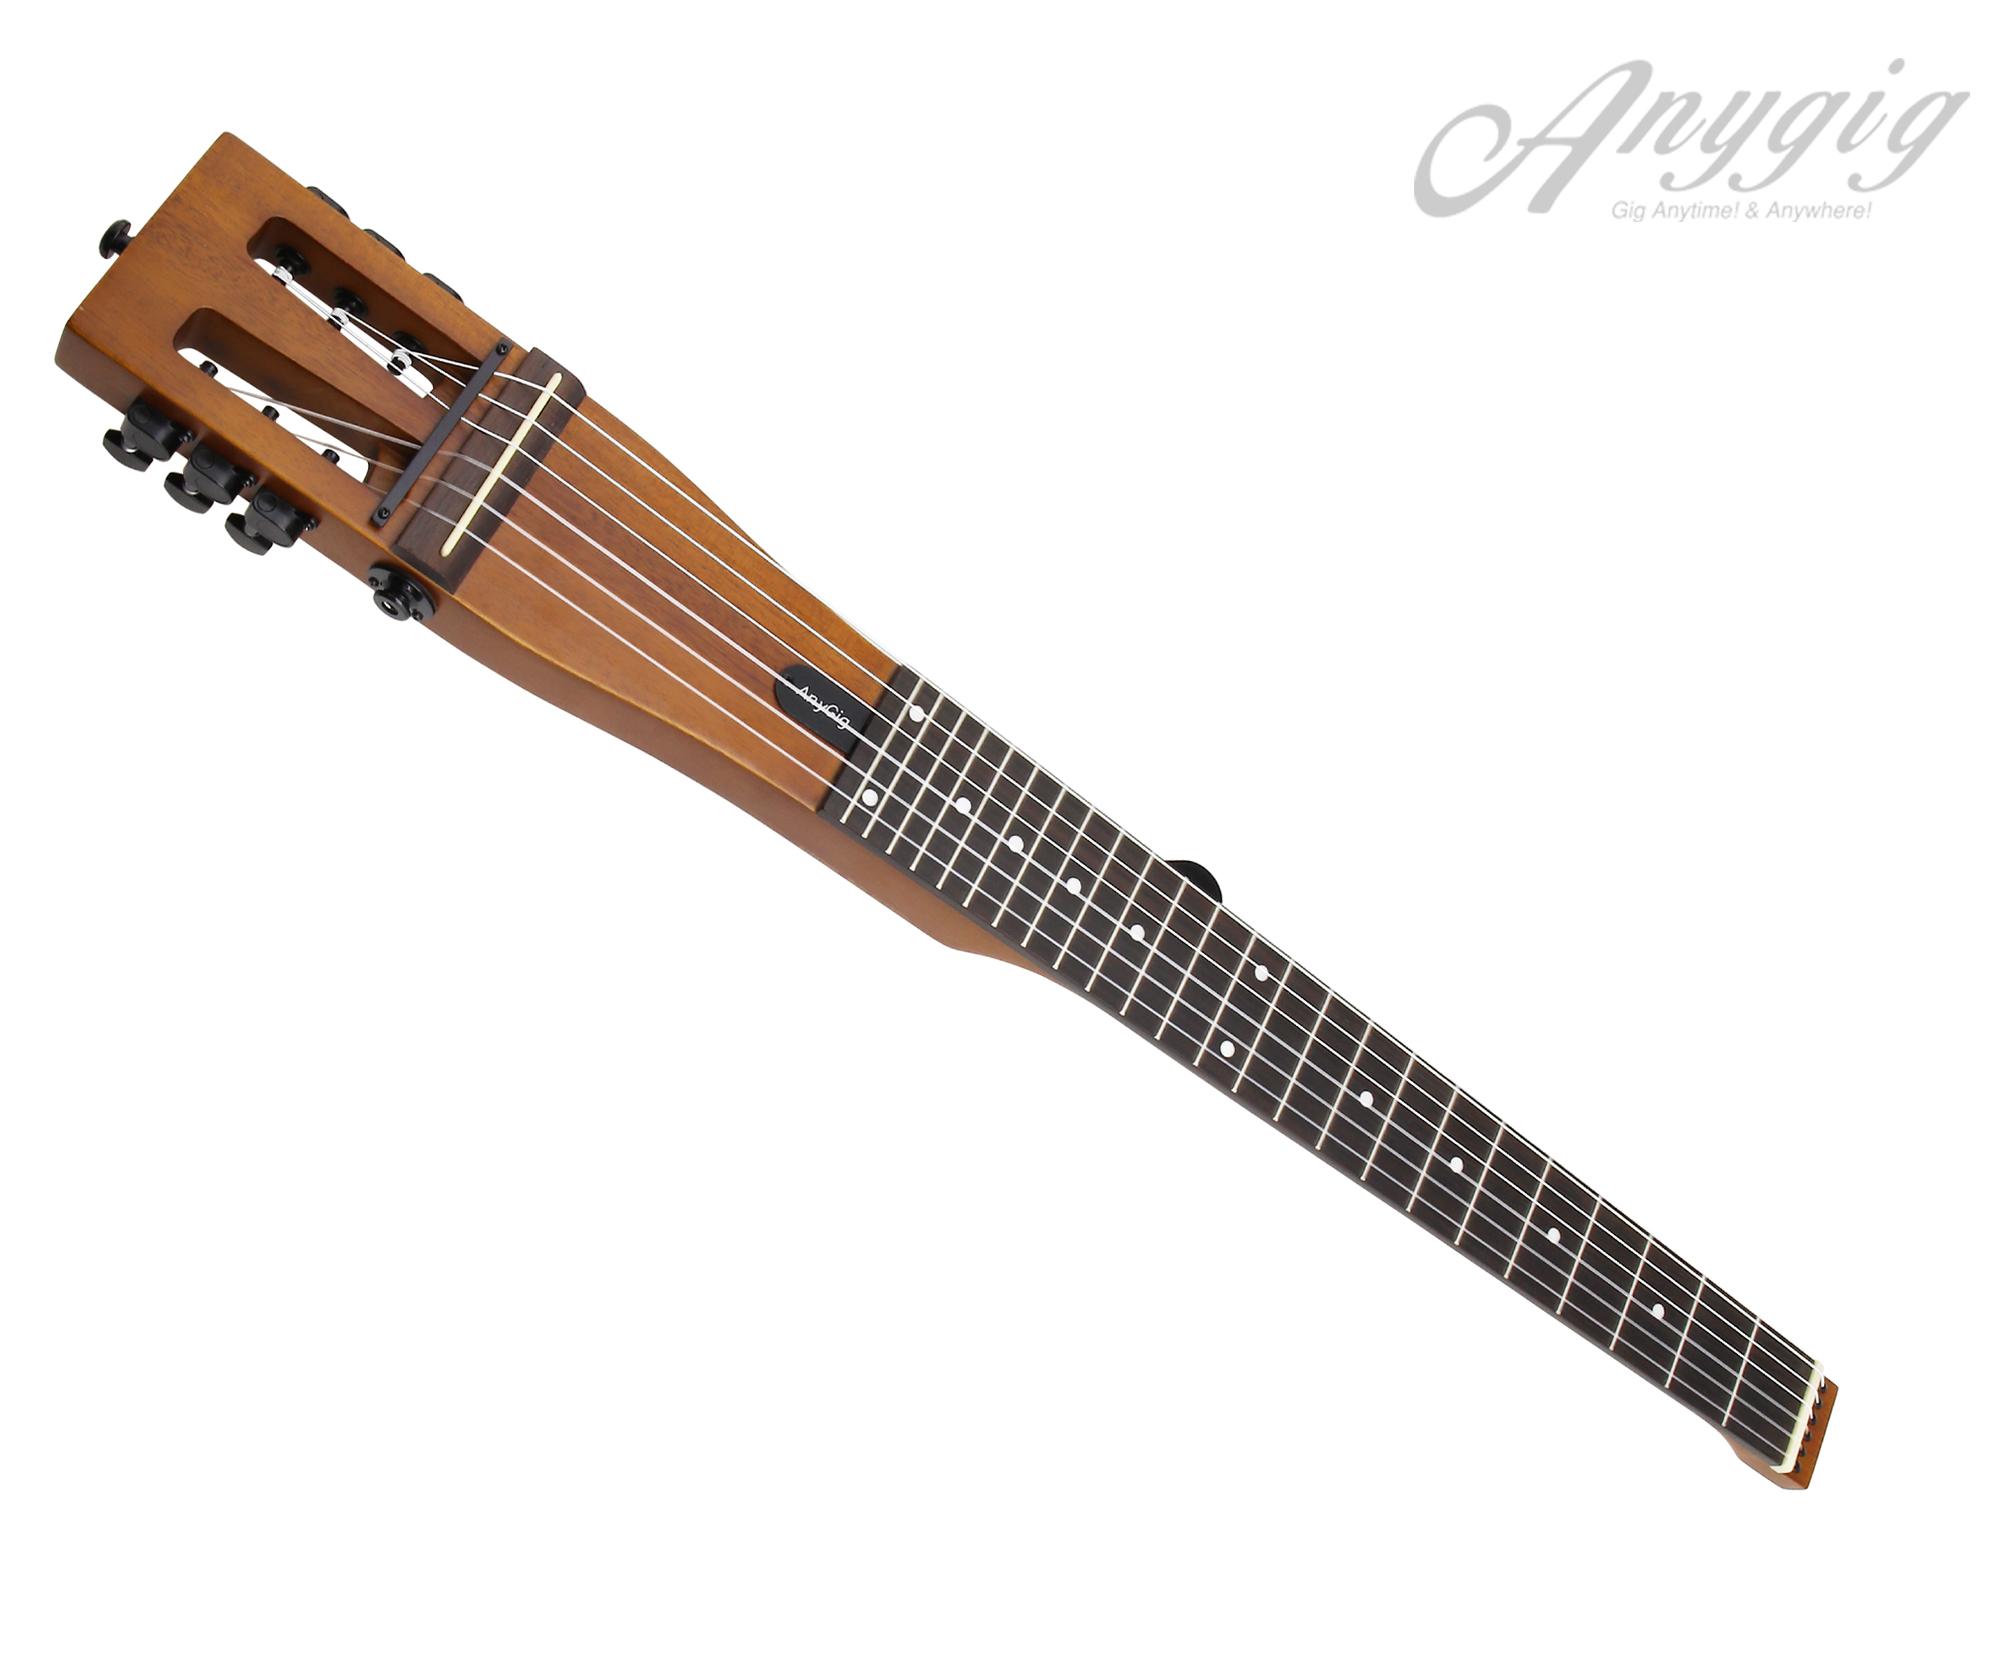 Anygig Guitar AGNSE Nylon String Traveler Guitar Full Scale Length 25.5 Inch Backpacker Matte Brown